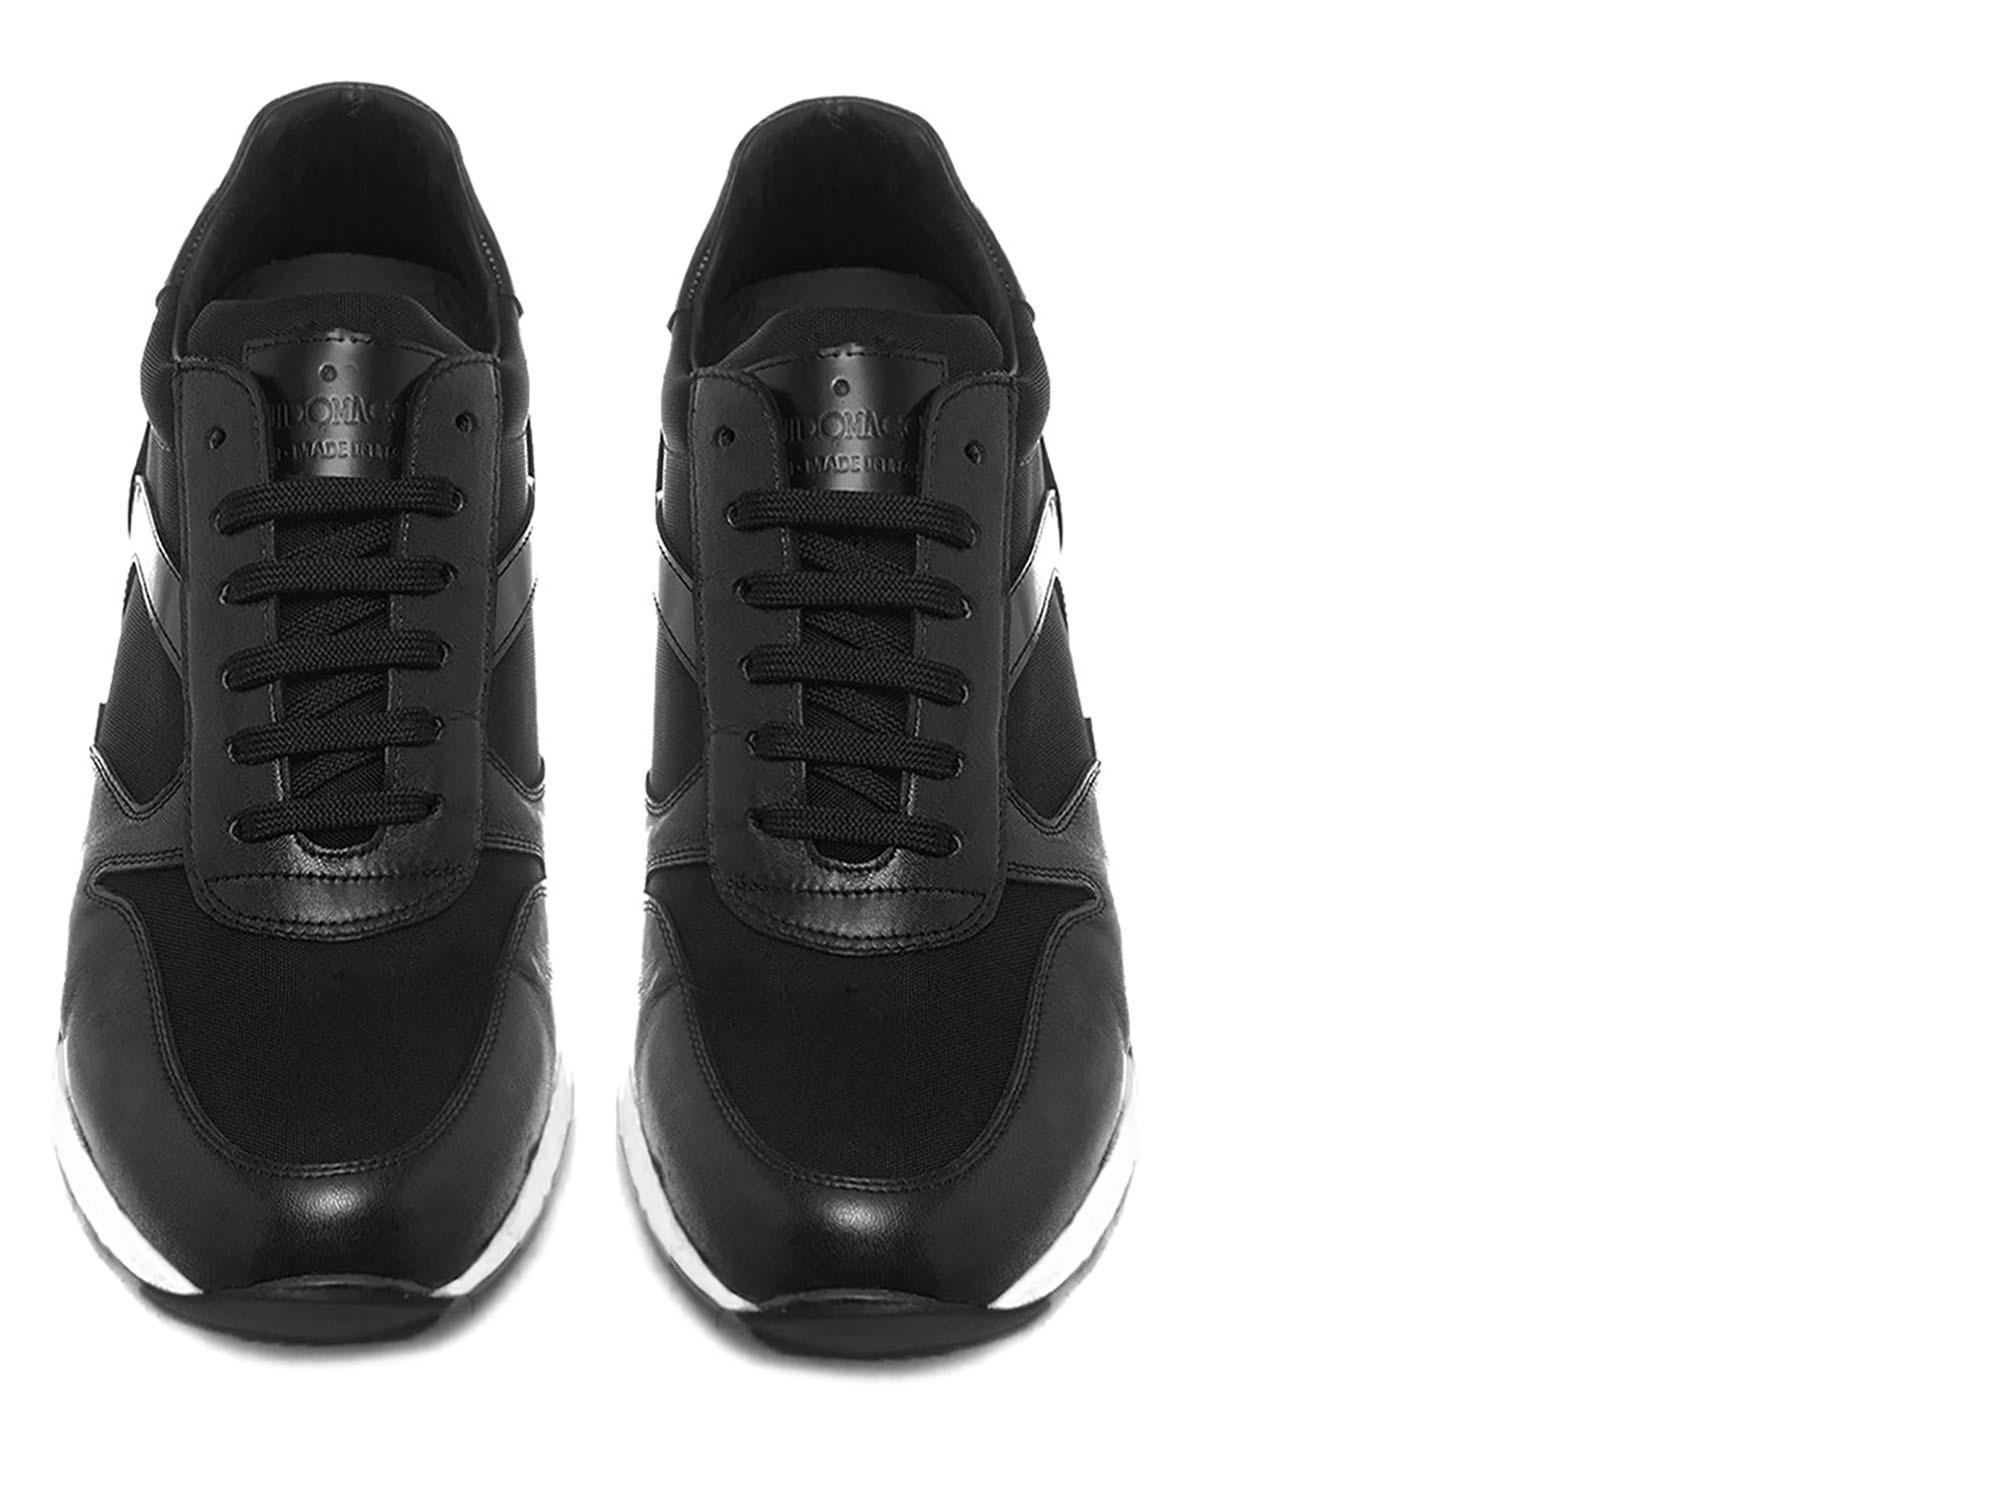 sneakers con rialzo interno uomo